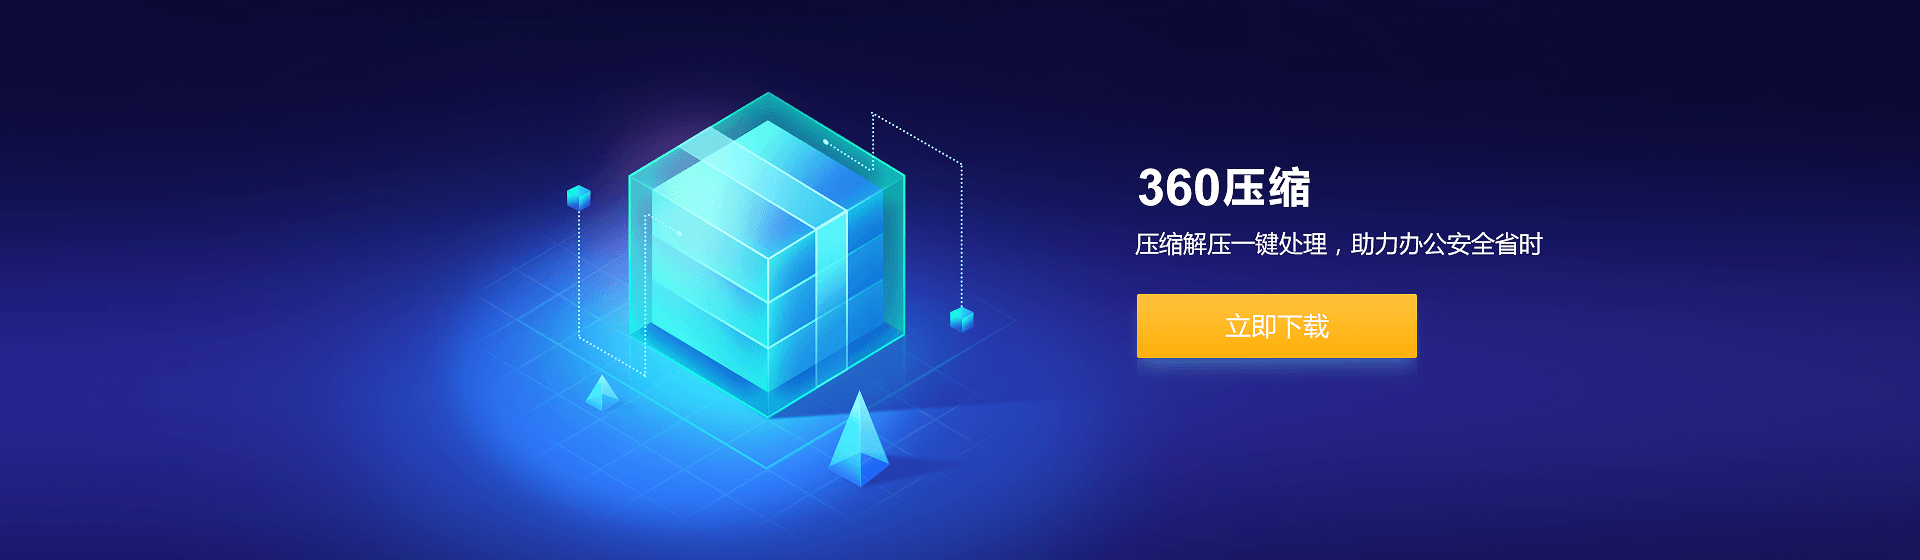 360压缩